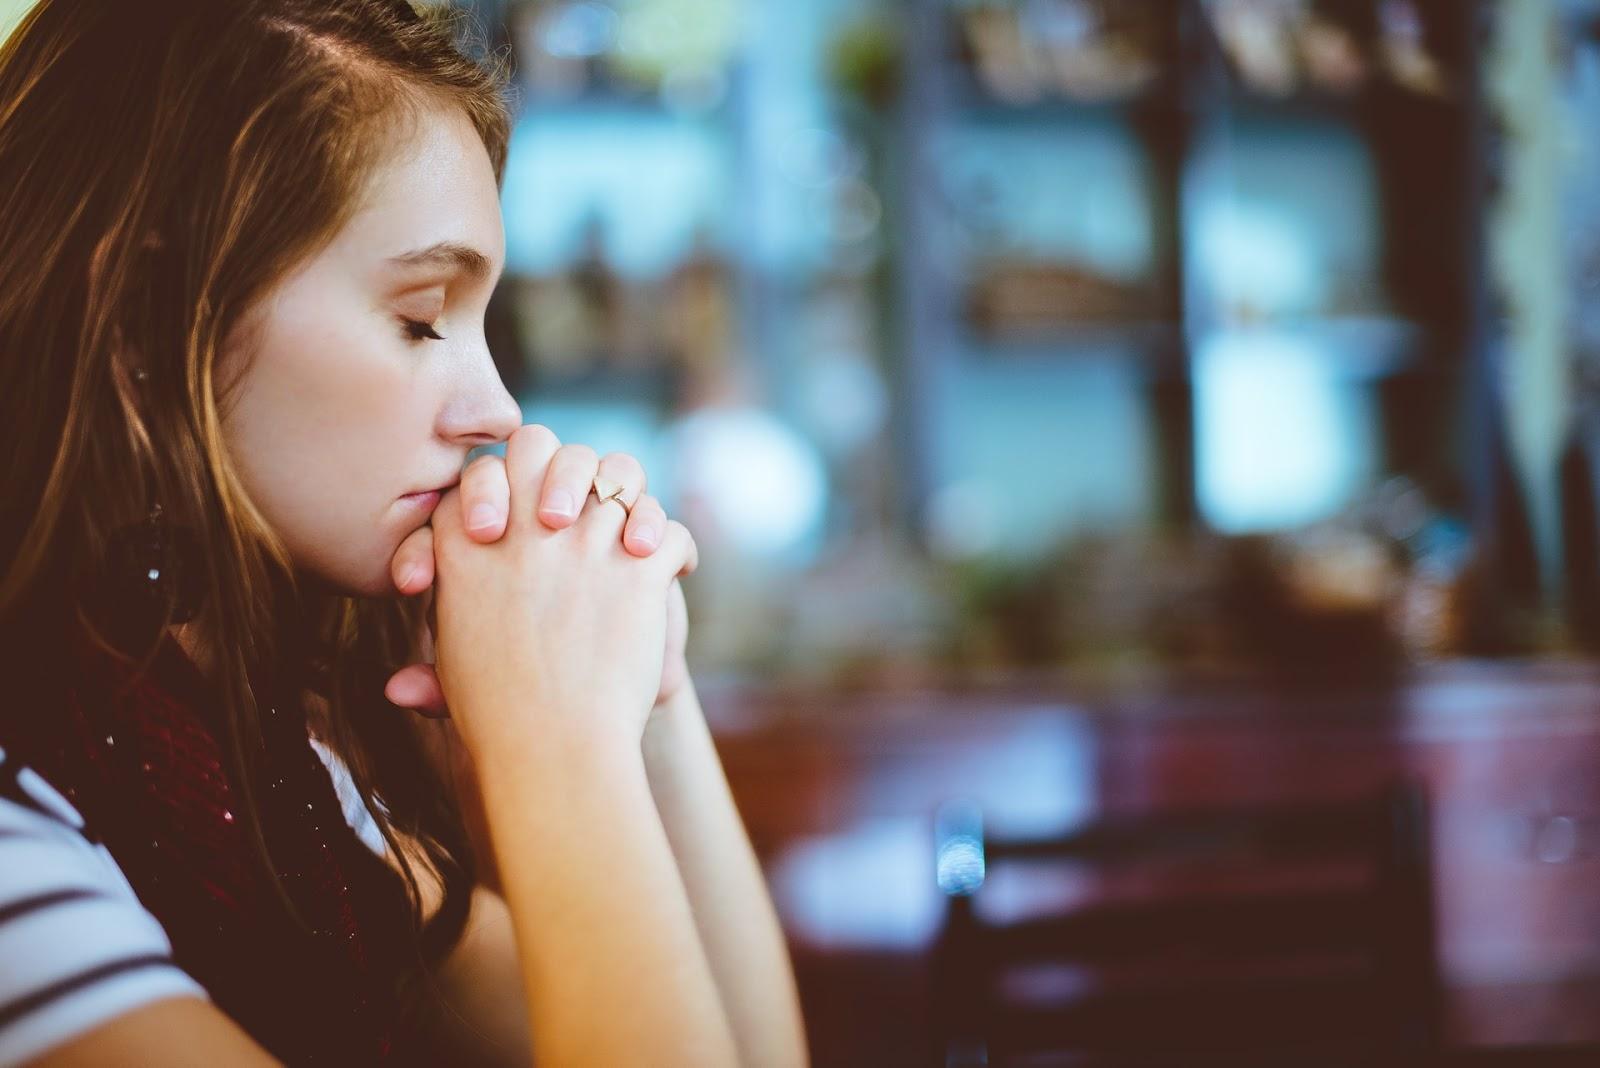 a woman praying